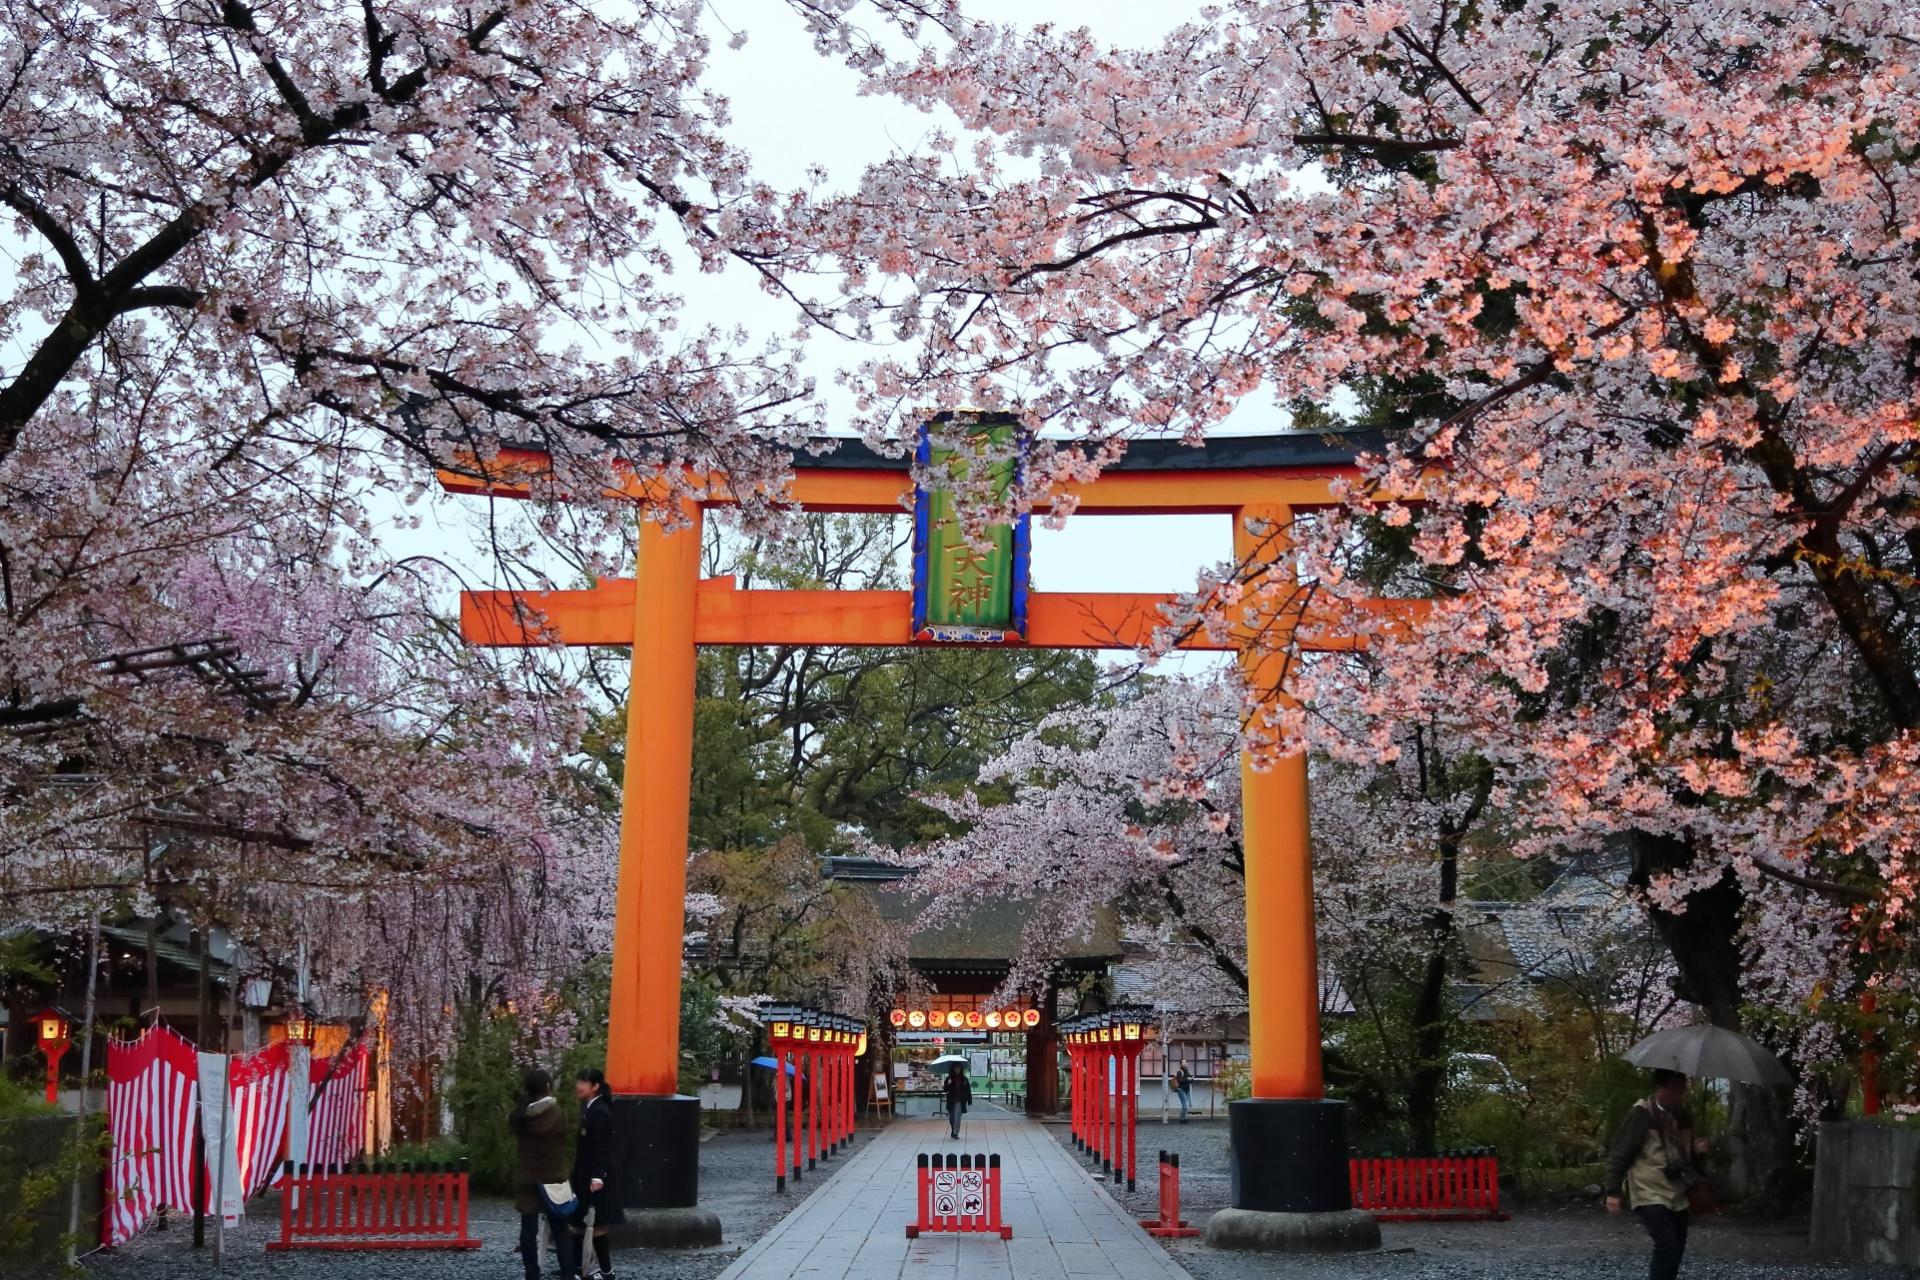 江戸時代「平野の夜桜」として知られた平野神社(ひらのじんじゃ)京都・北区